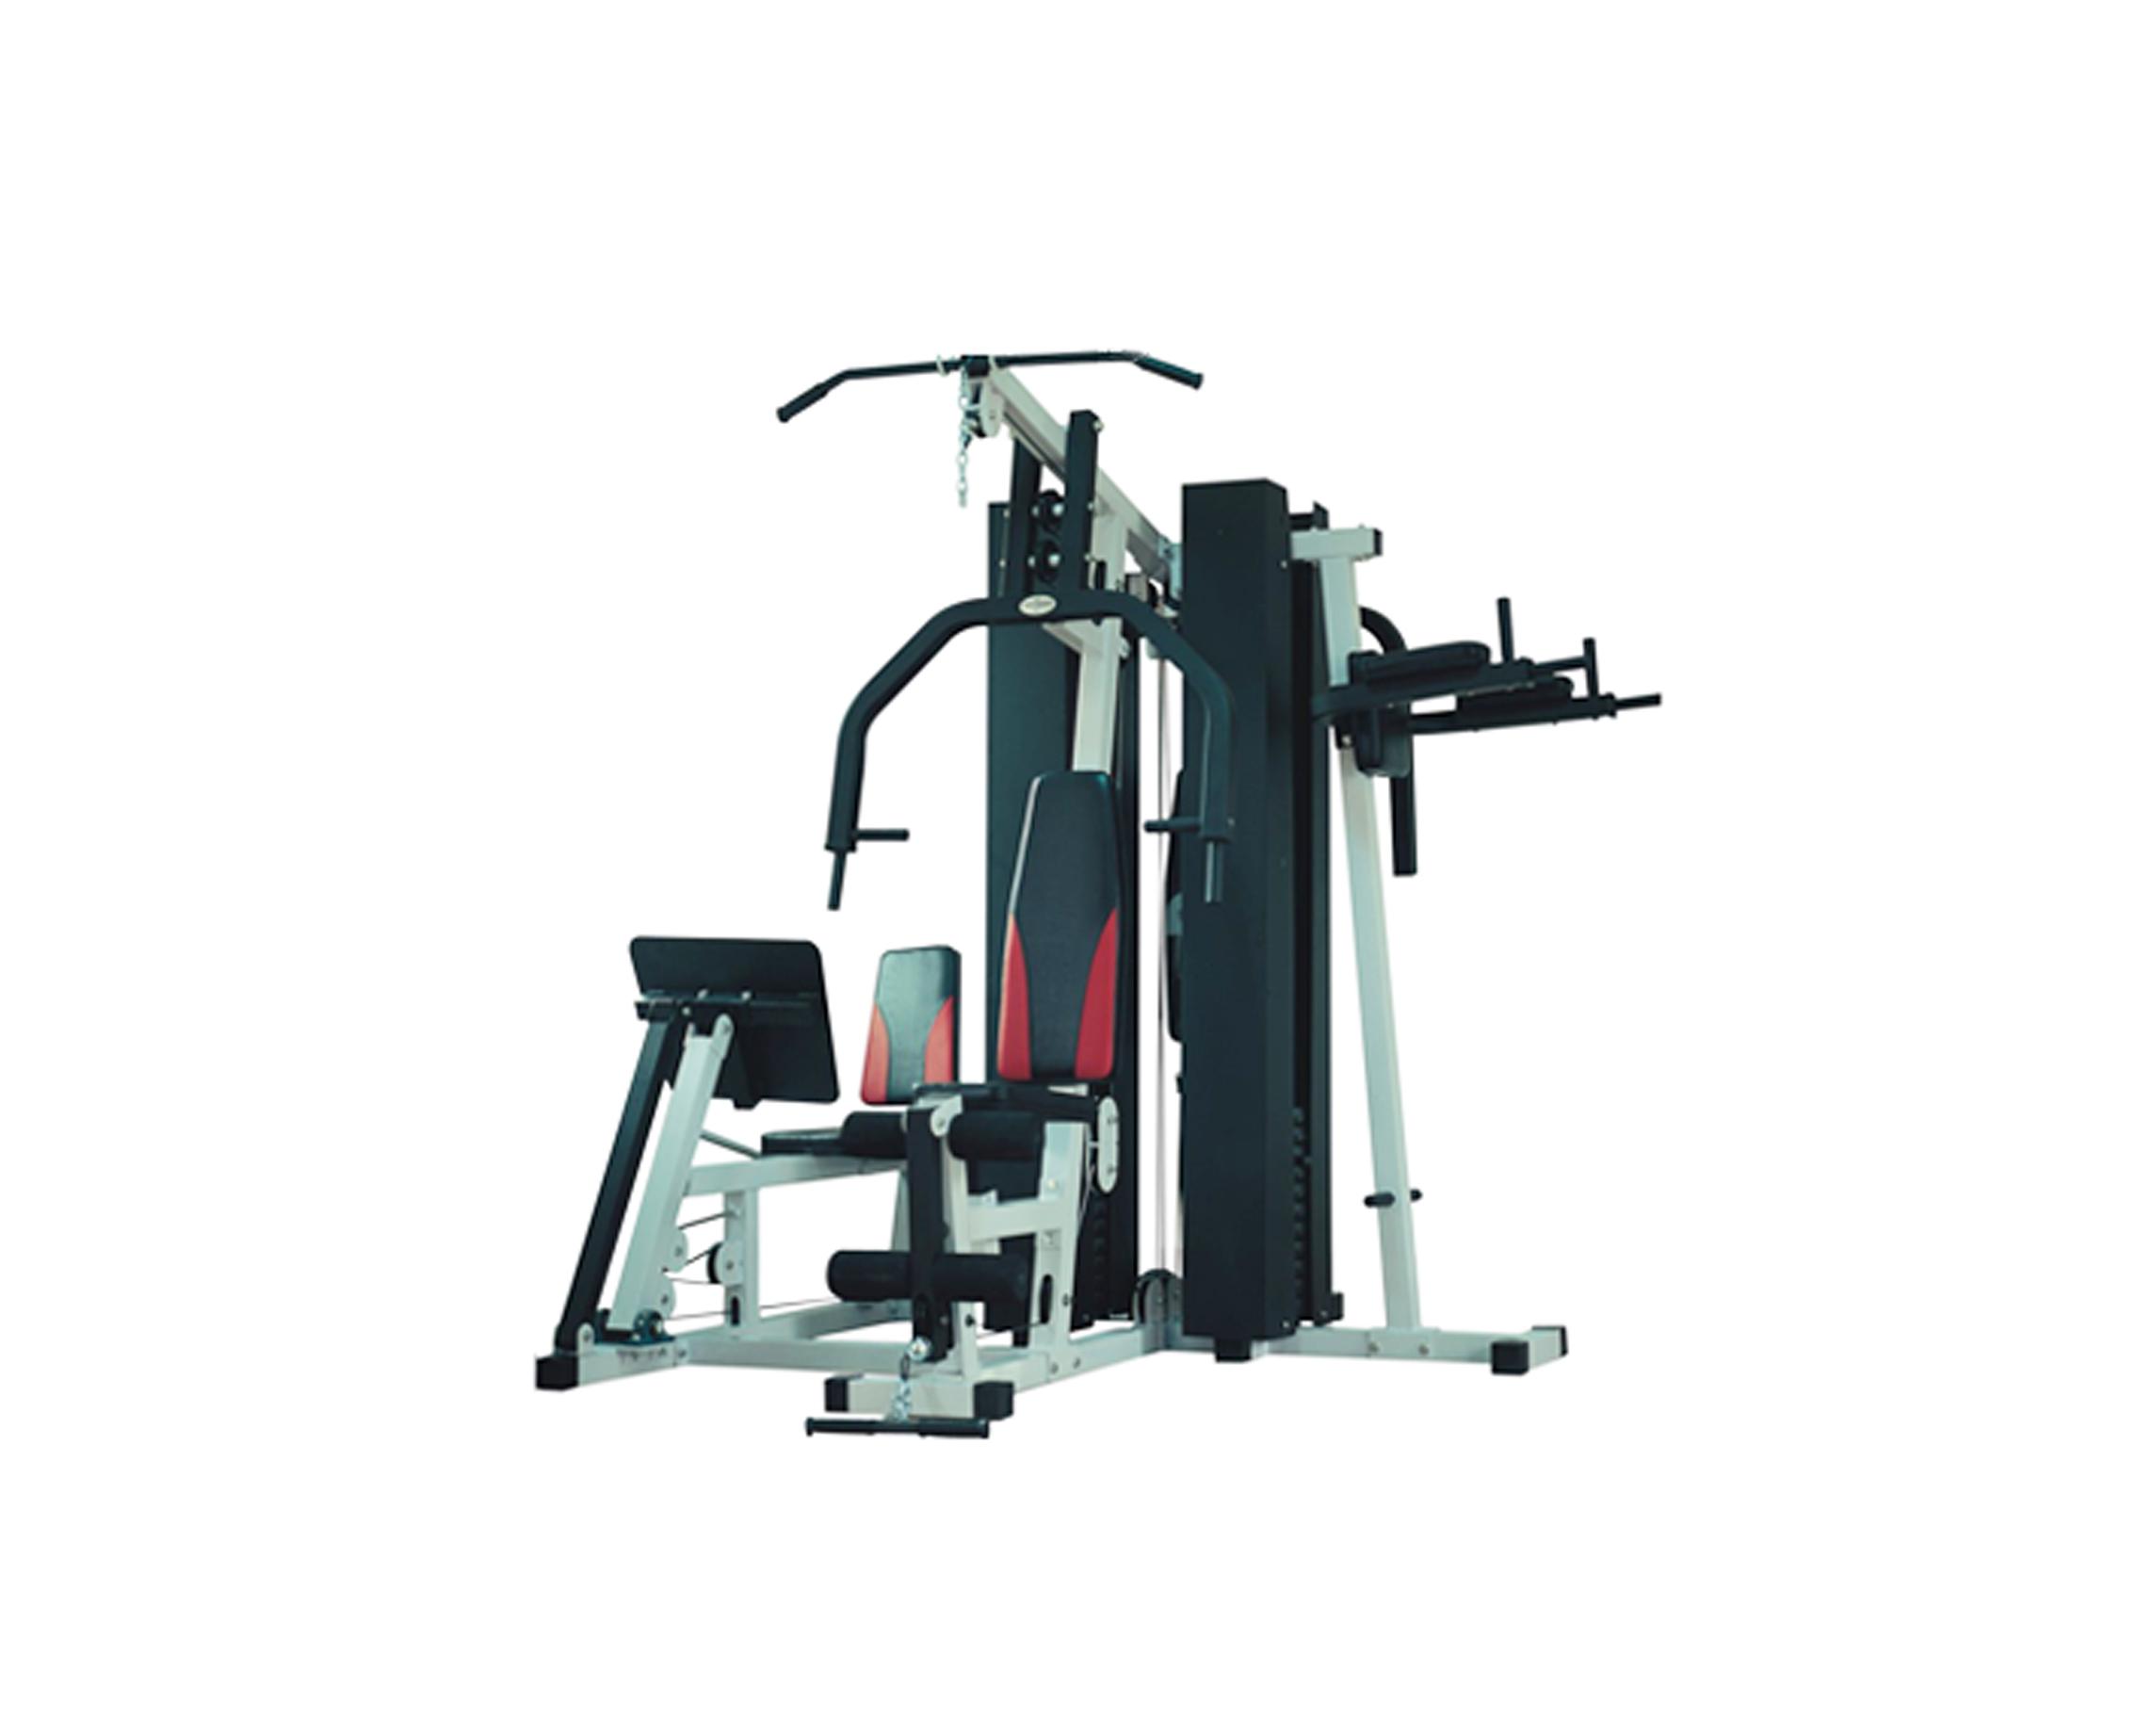 健身器材,健身器材厂家,室内健身器材厂家,康宜综合训练器厂家